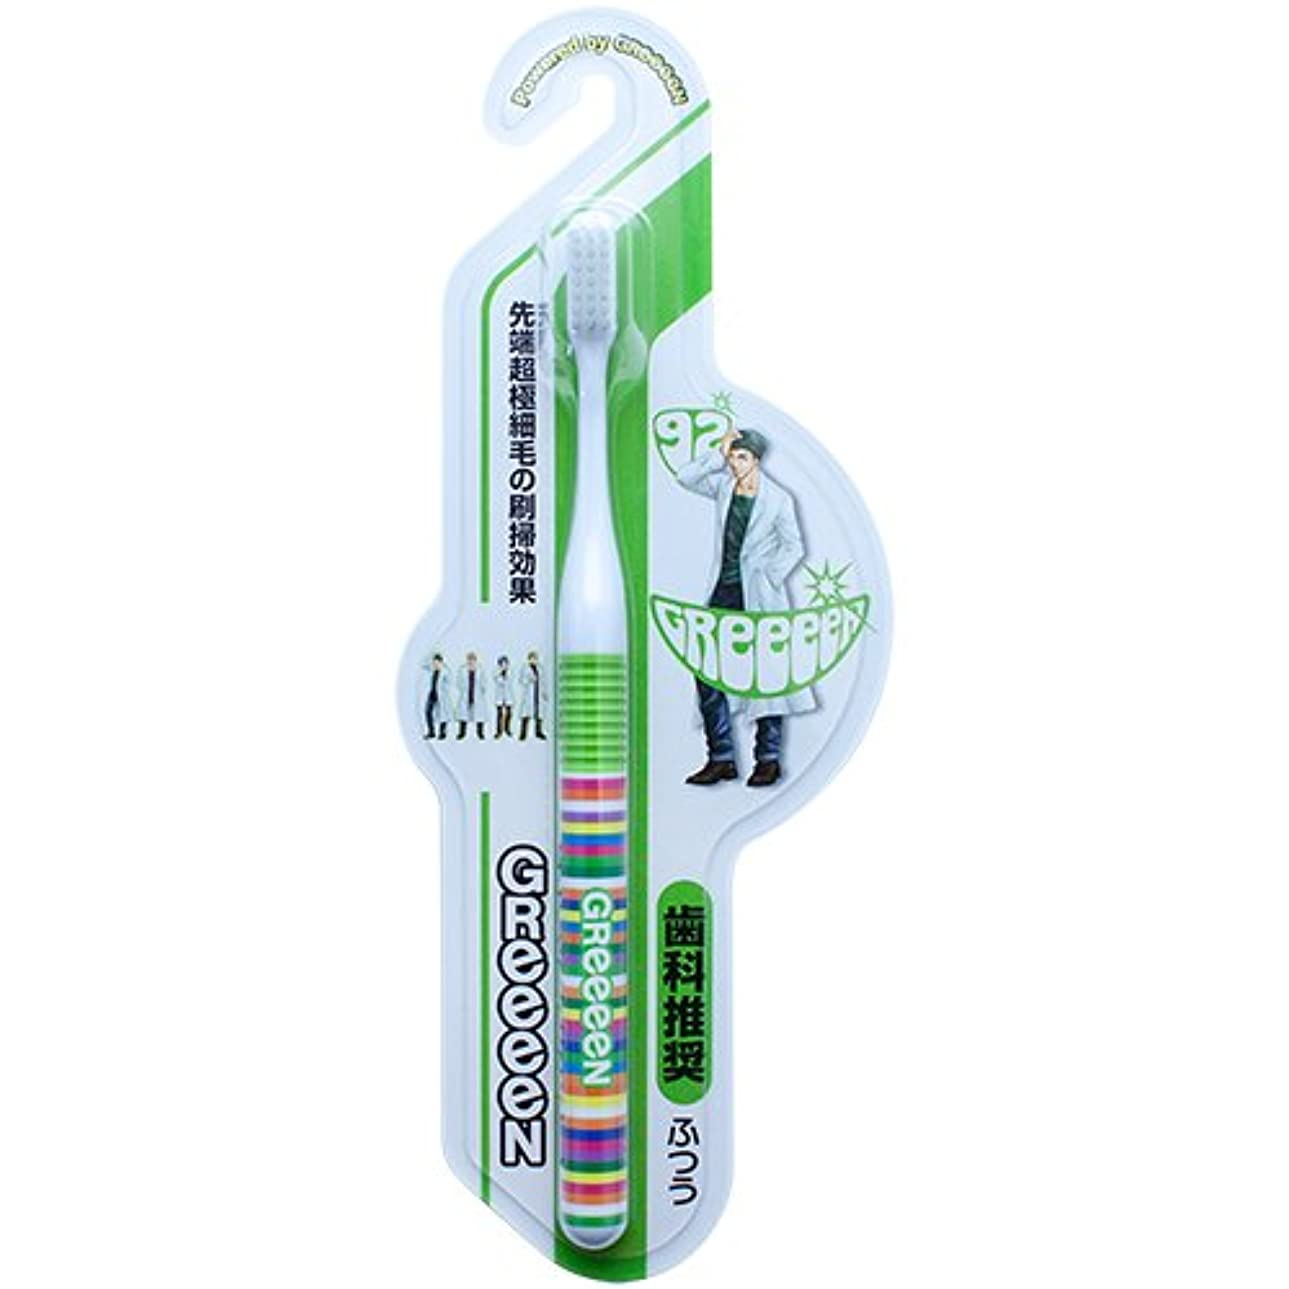 確実エキス舌なGReeeeN 3列ヘッドラバーグリップ超極細毛歯ブラシ SIRO 92 1本